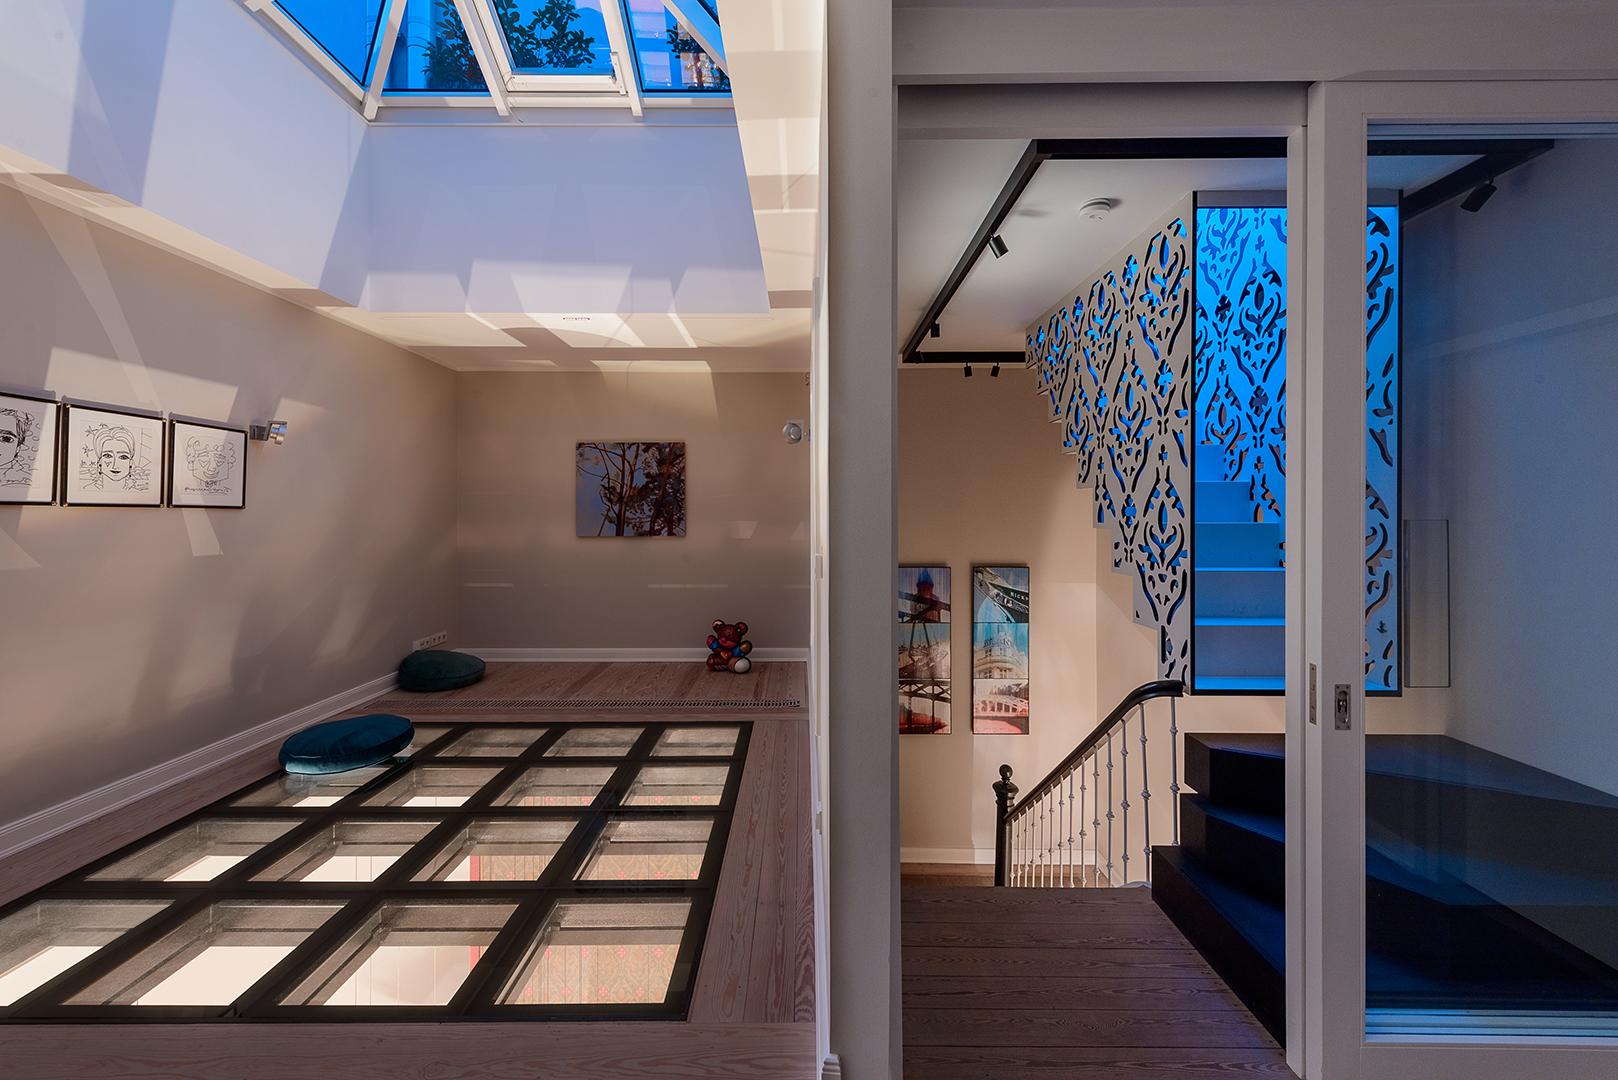 Galeriebild / Lichtobjekt für eine Stadtvilla in Hamburg